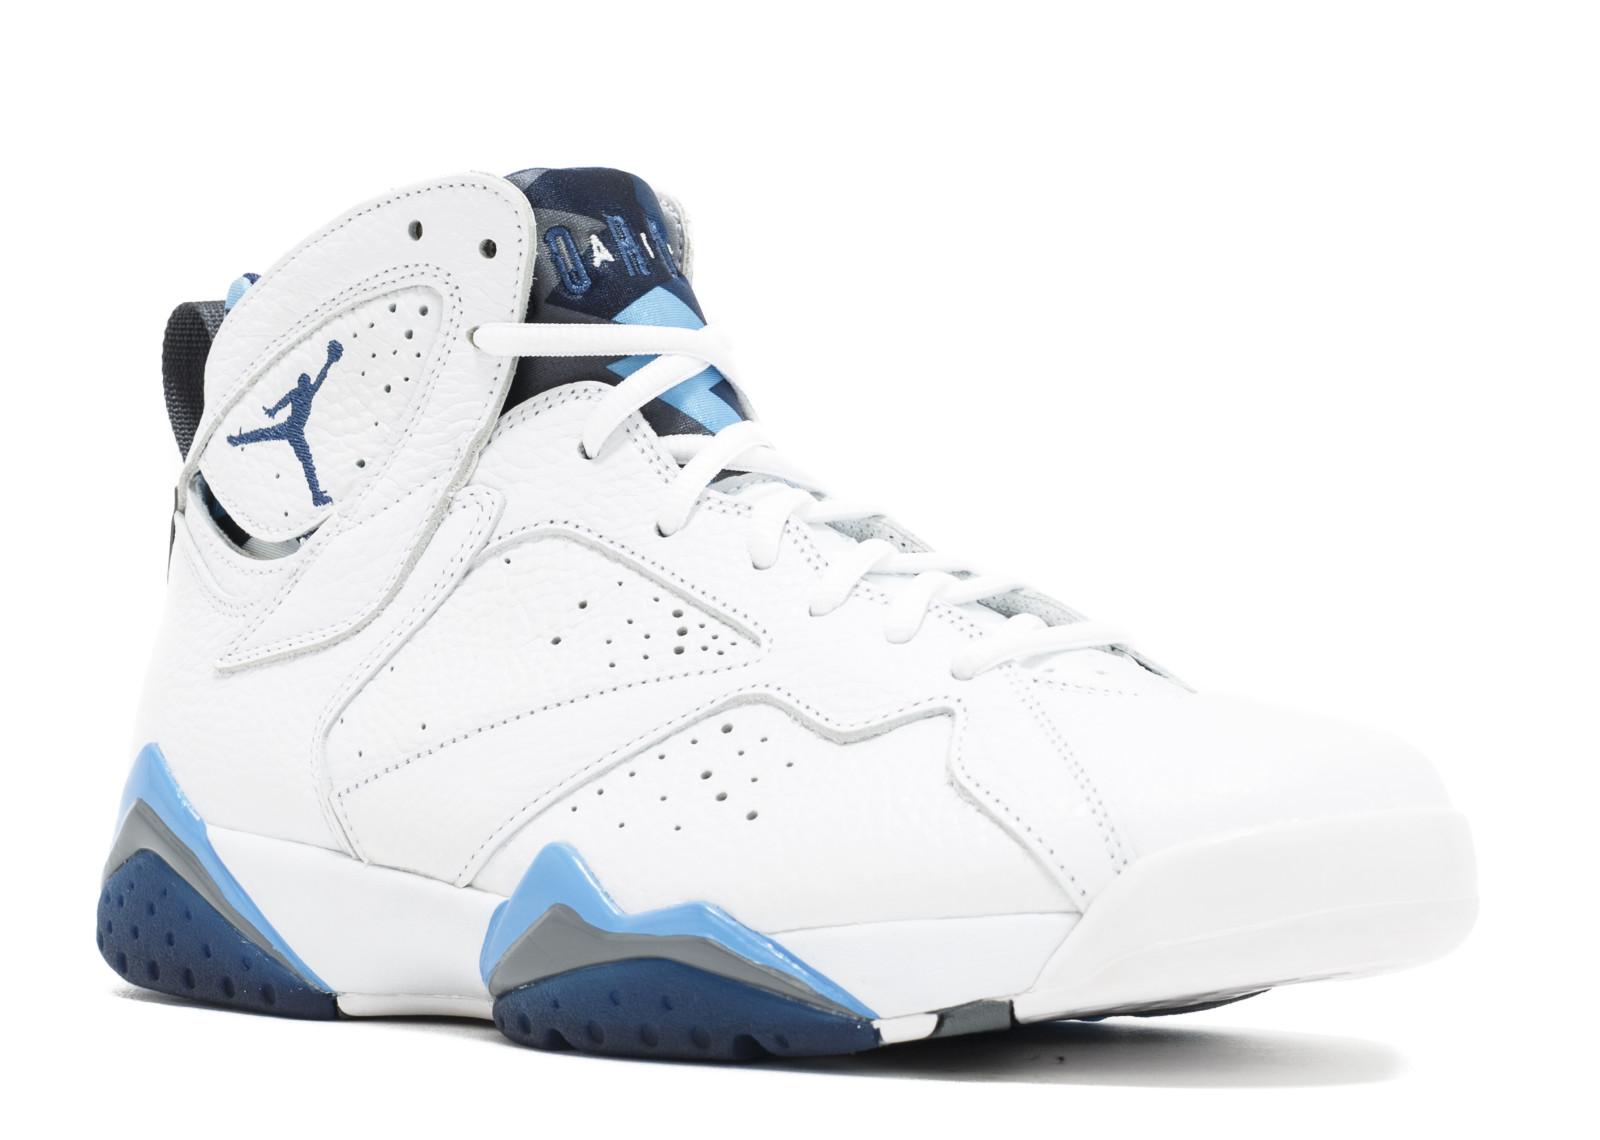 half off 5a651 6b378 Jordan 7 Retro French Blue (2015) - 1